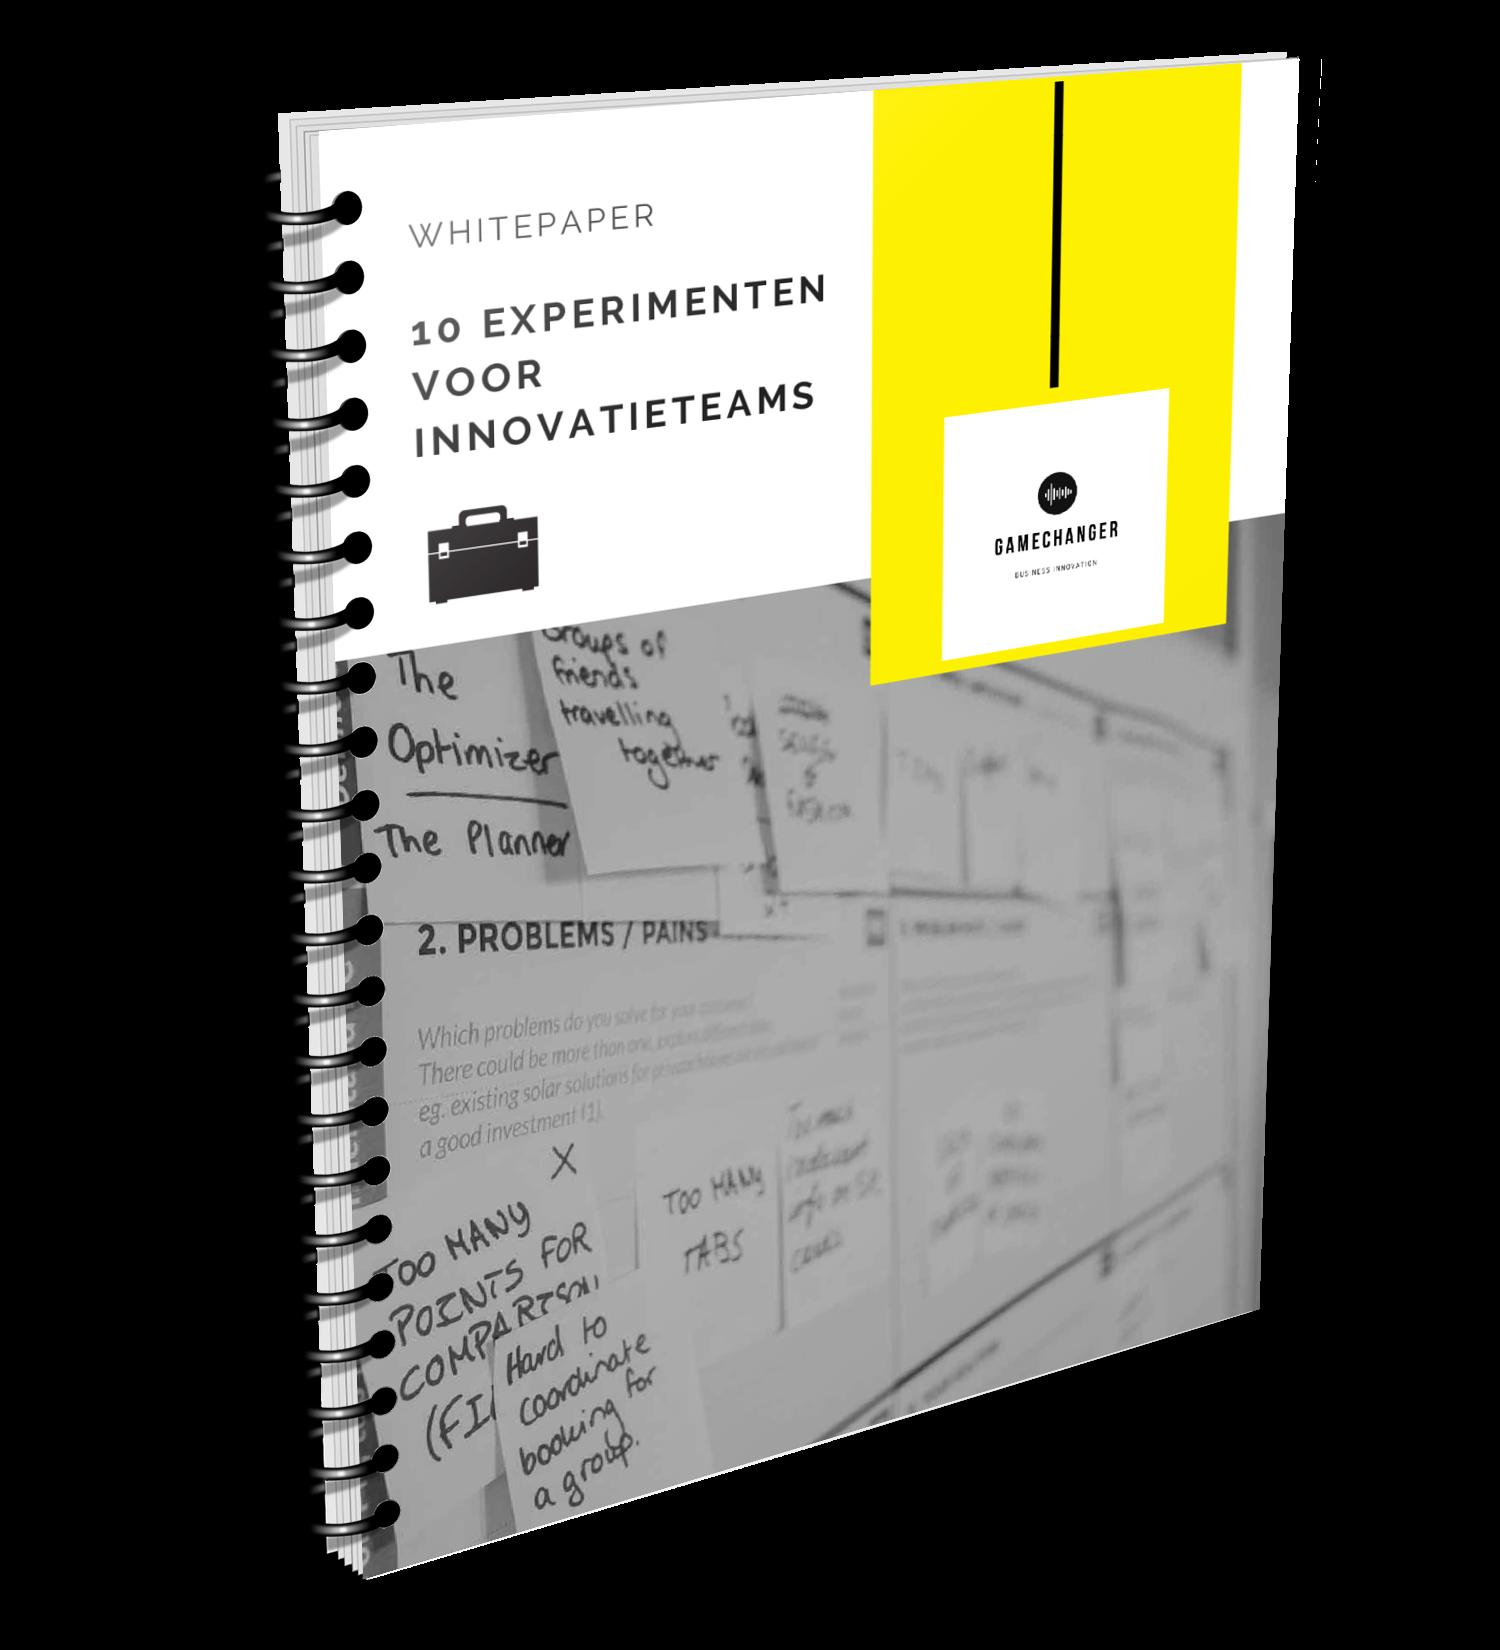 Whitepaper 10 Experimenten voor Innovatieteams.png